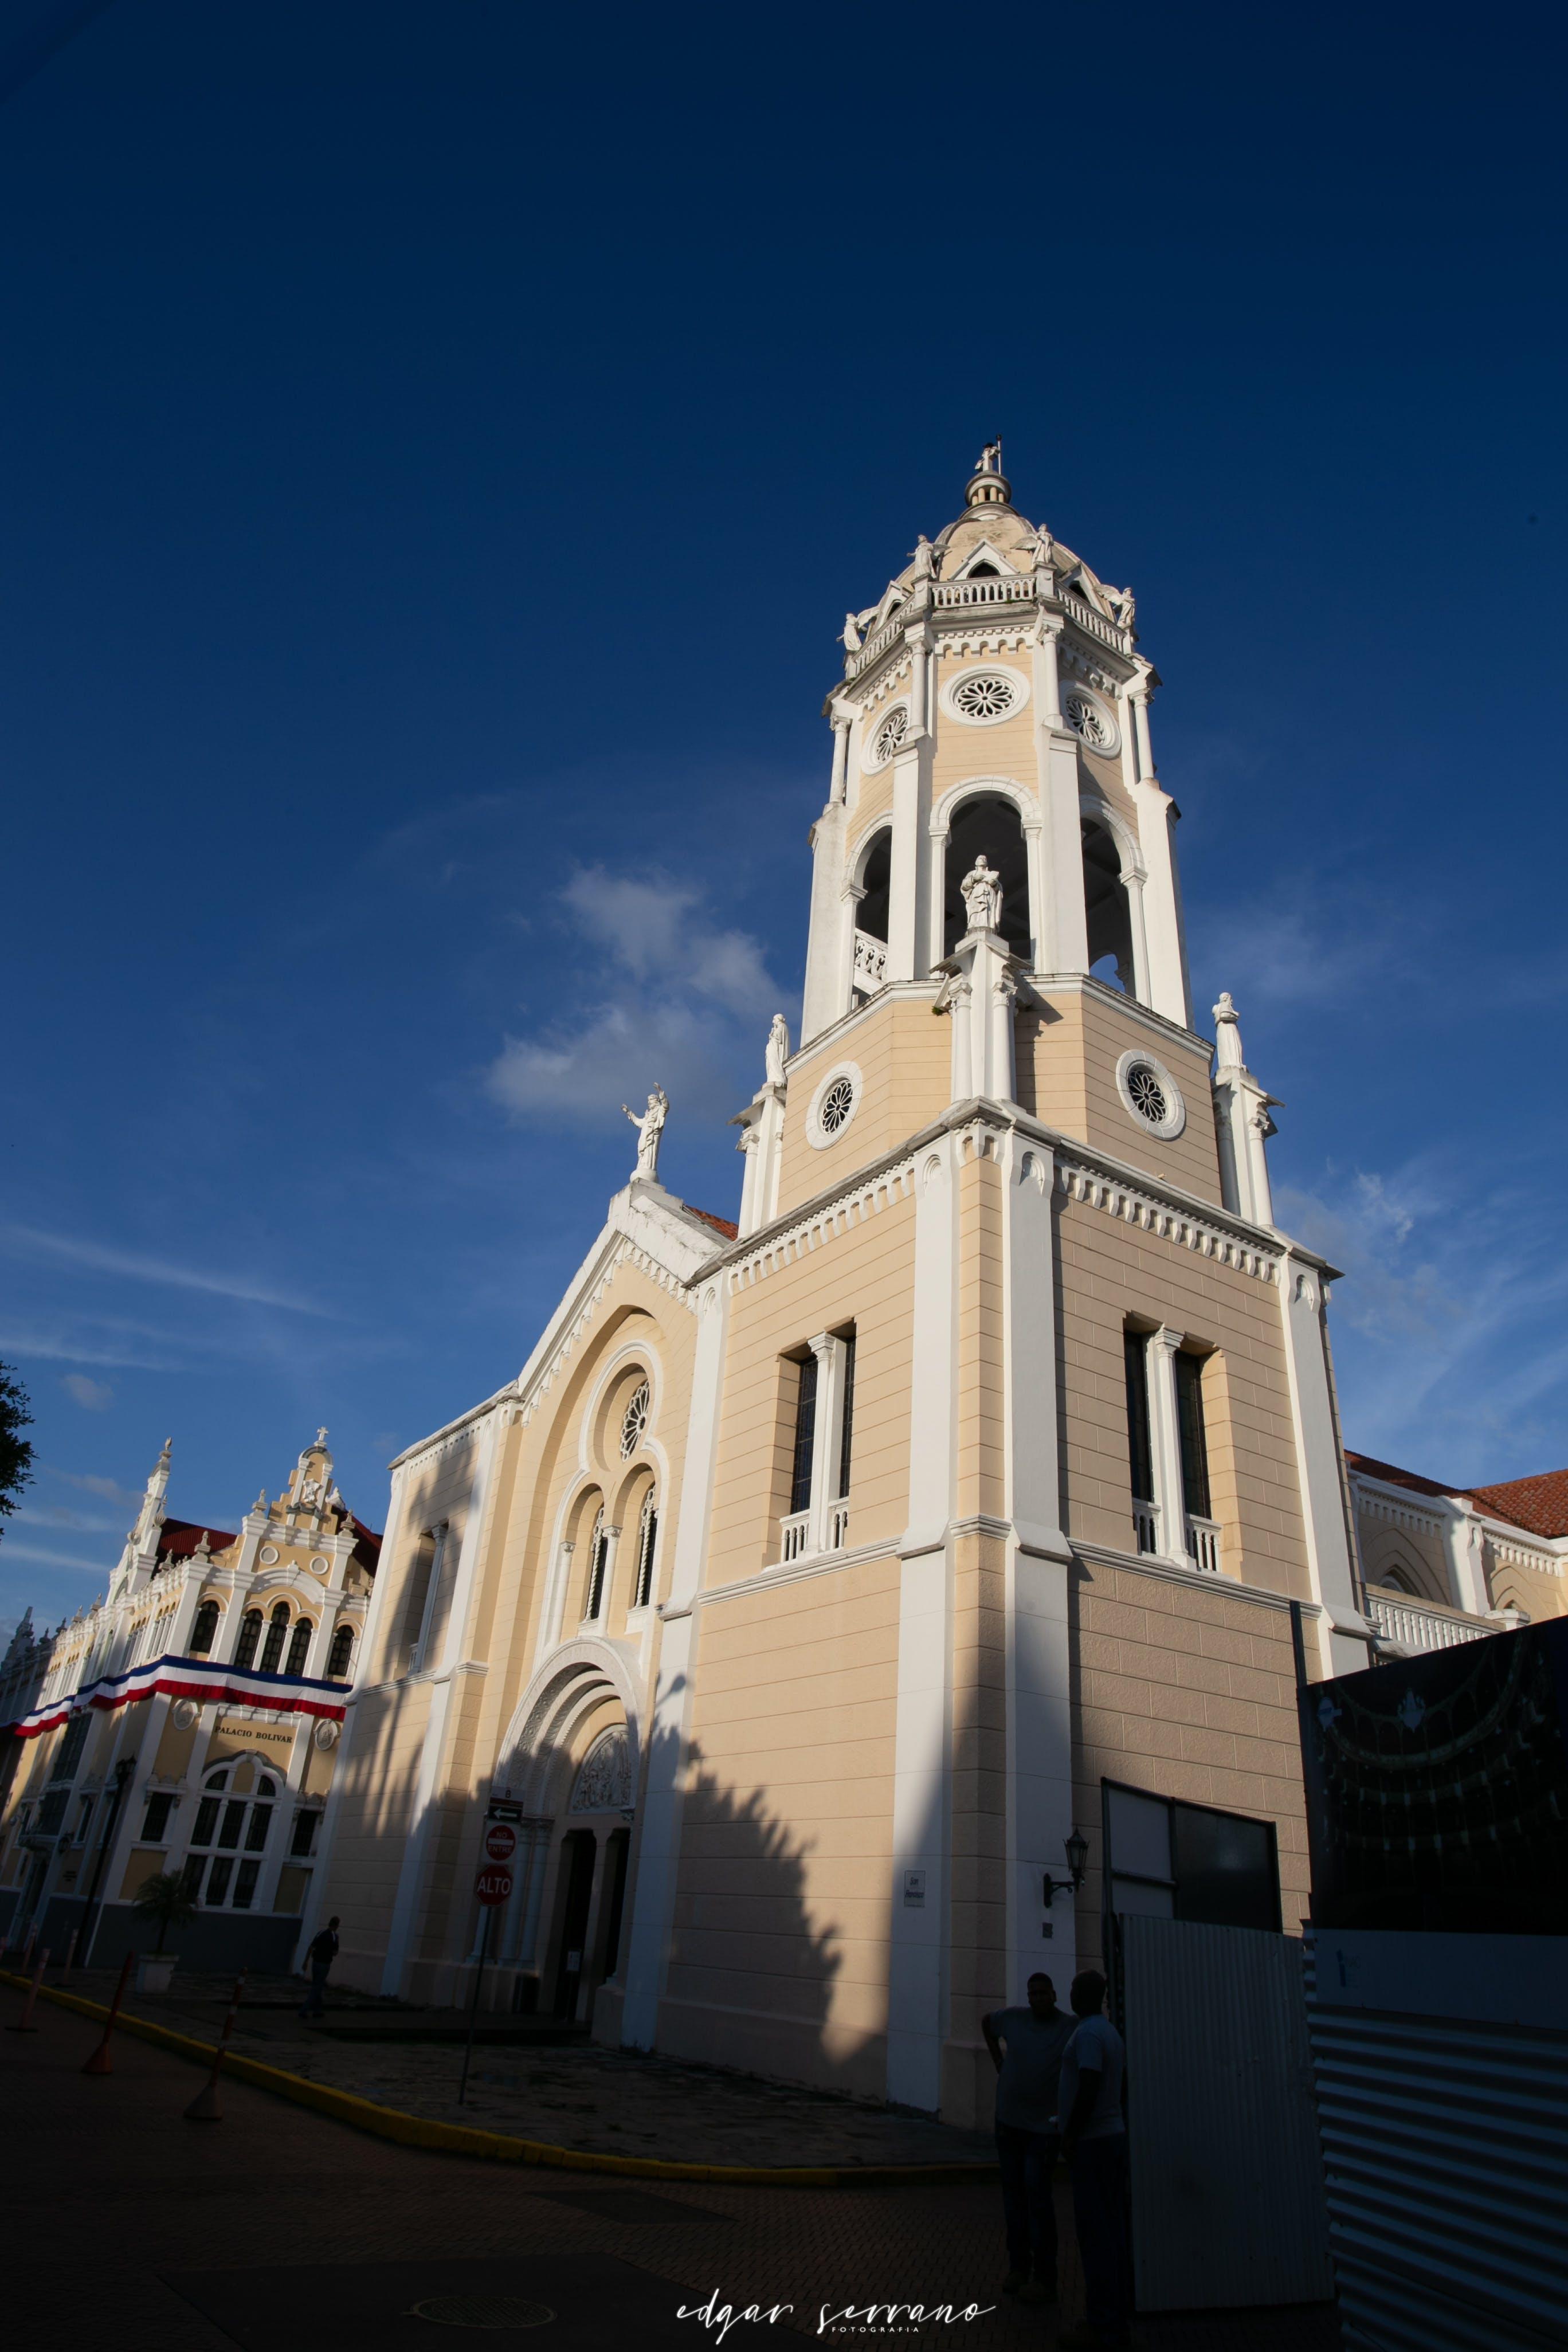 Δωρεάν στοκ φωτογραφιών με αρχιτέκτονας, εκκλησία, Παναμάς